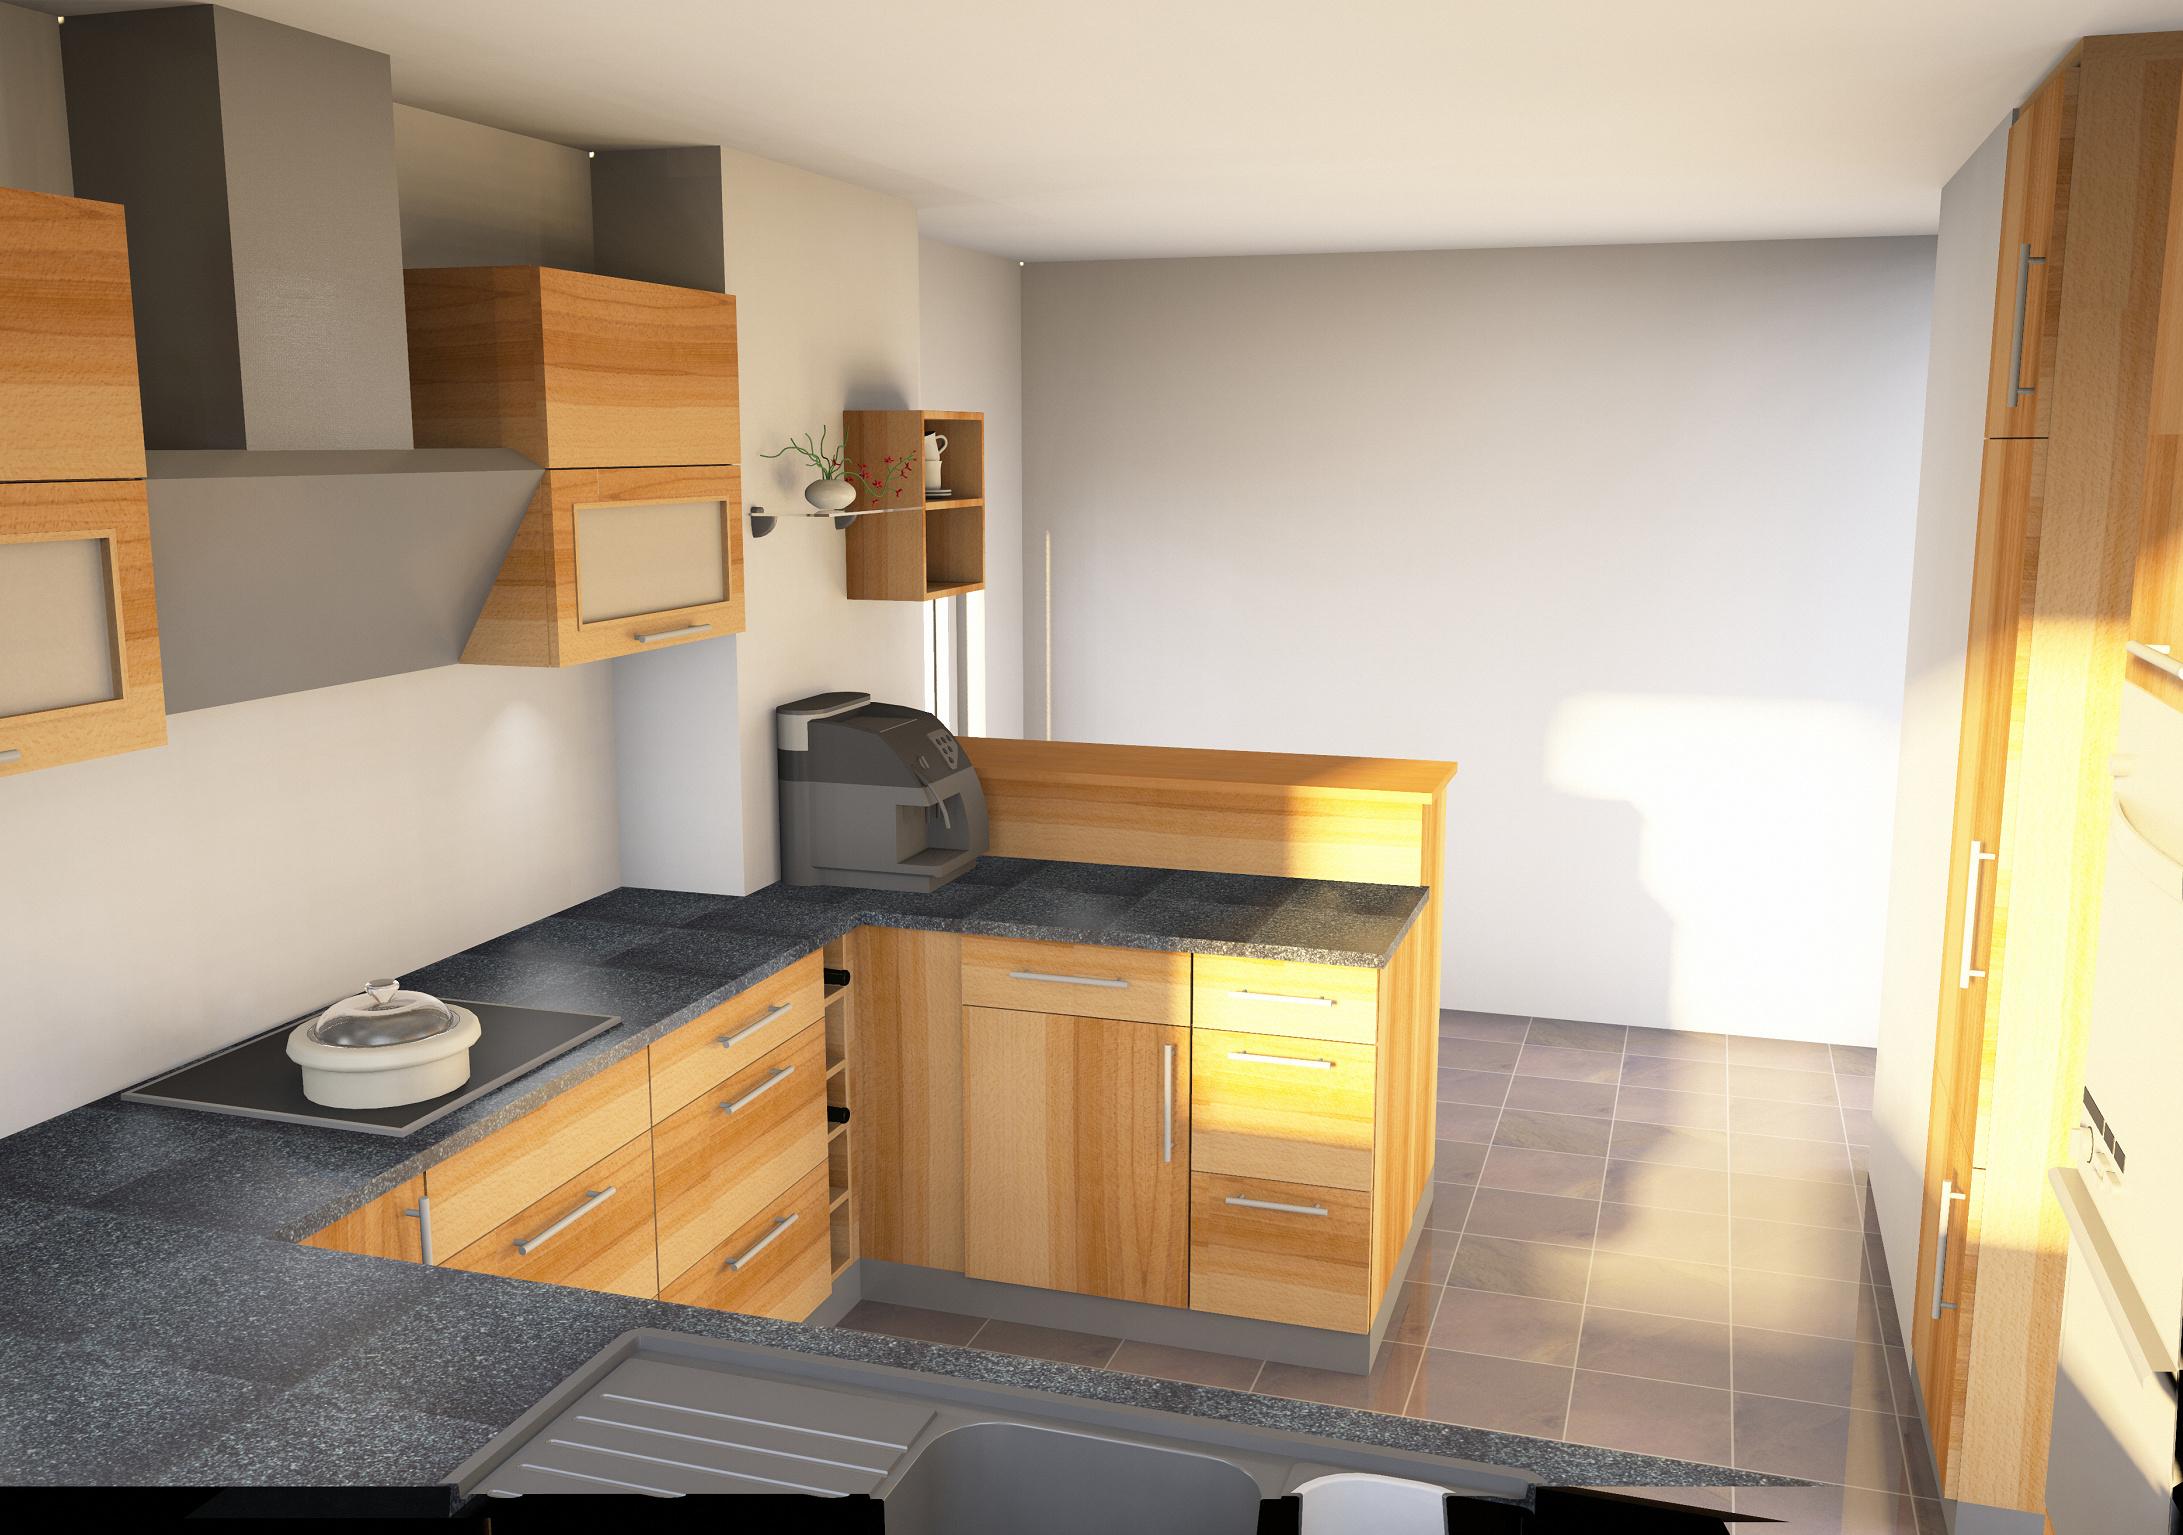 Full Size of Küche Ohne Geräte Verkaufen Küche Ohne Geräte Kaufen Erfahrungen Küche Ohne Geräte Möbel Boss Küche Ohne Geräte Zu Verschenken Küche Küche Ohne Geräte